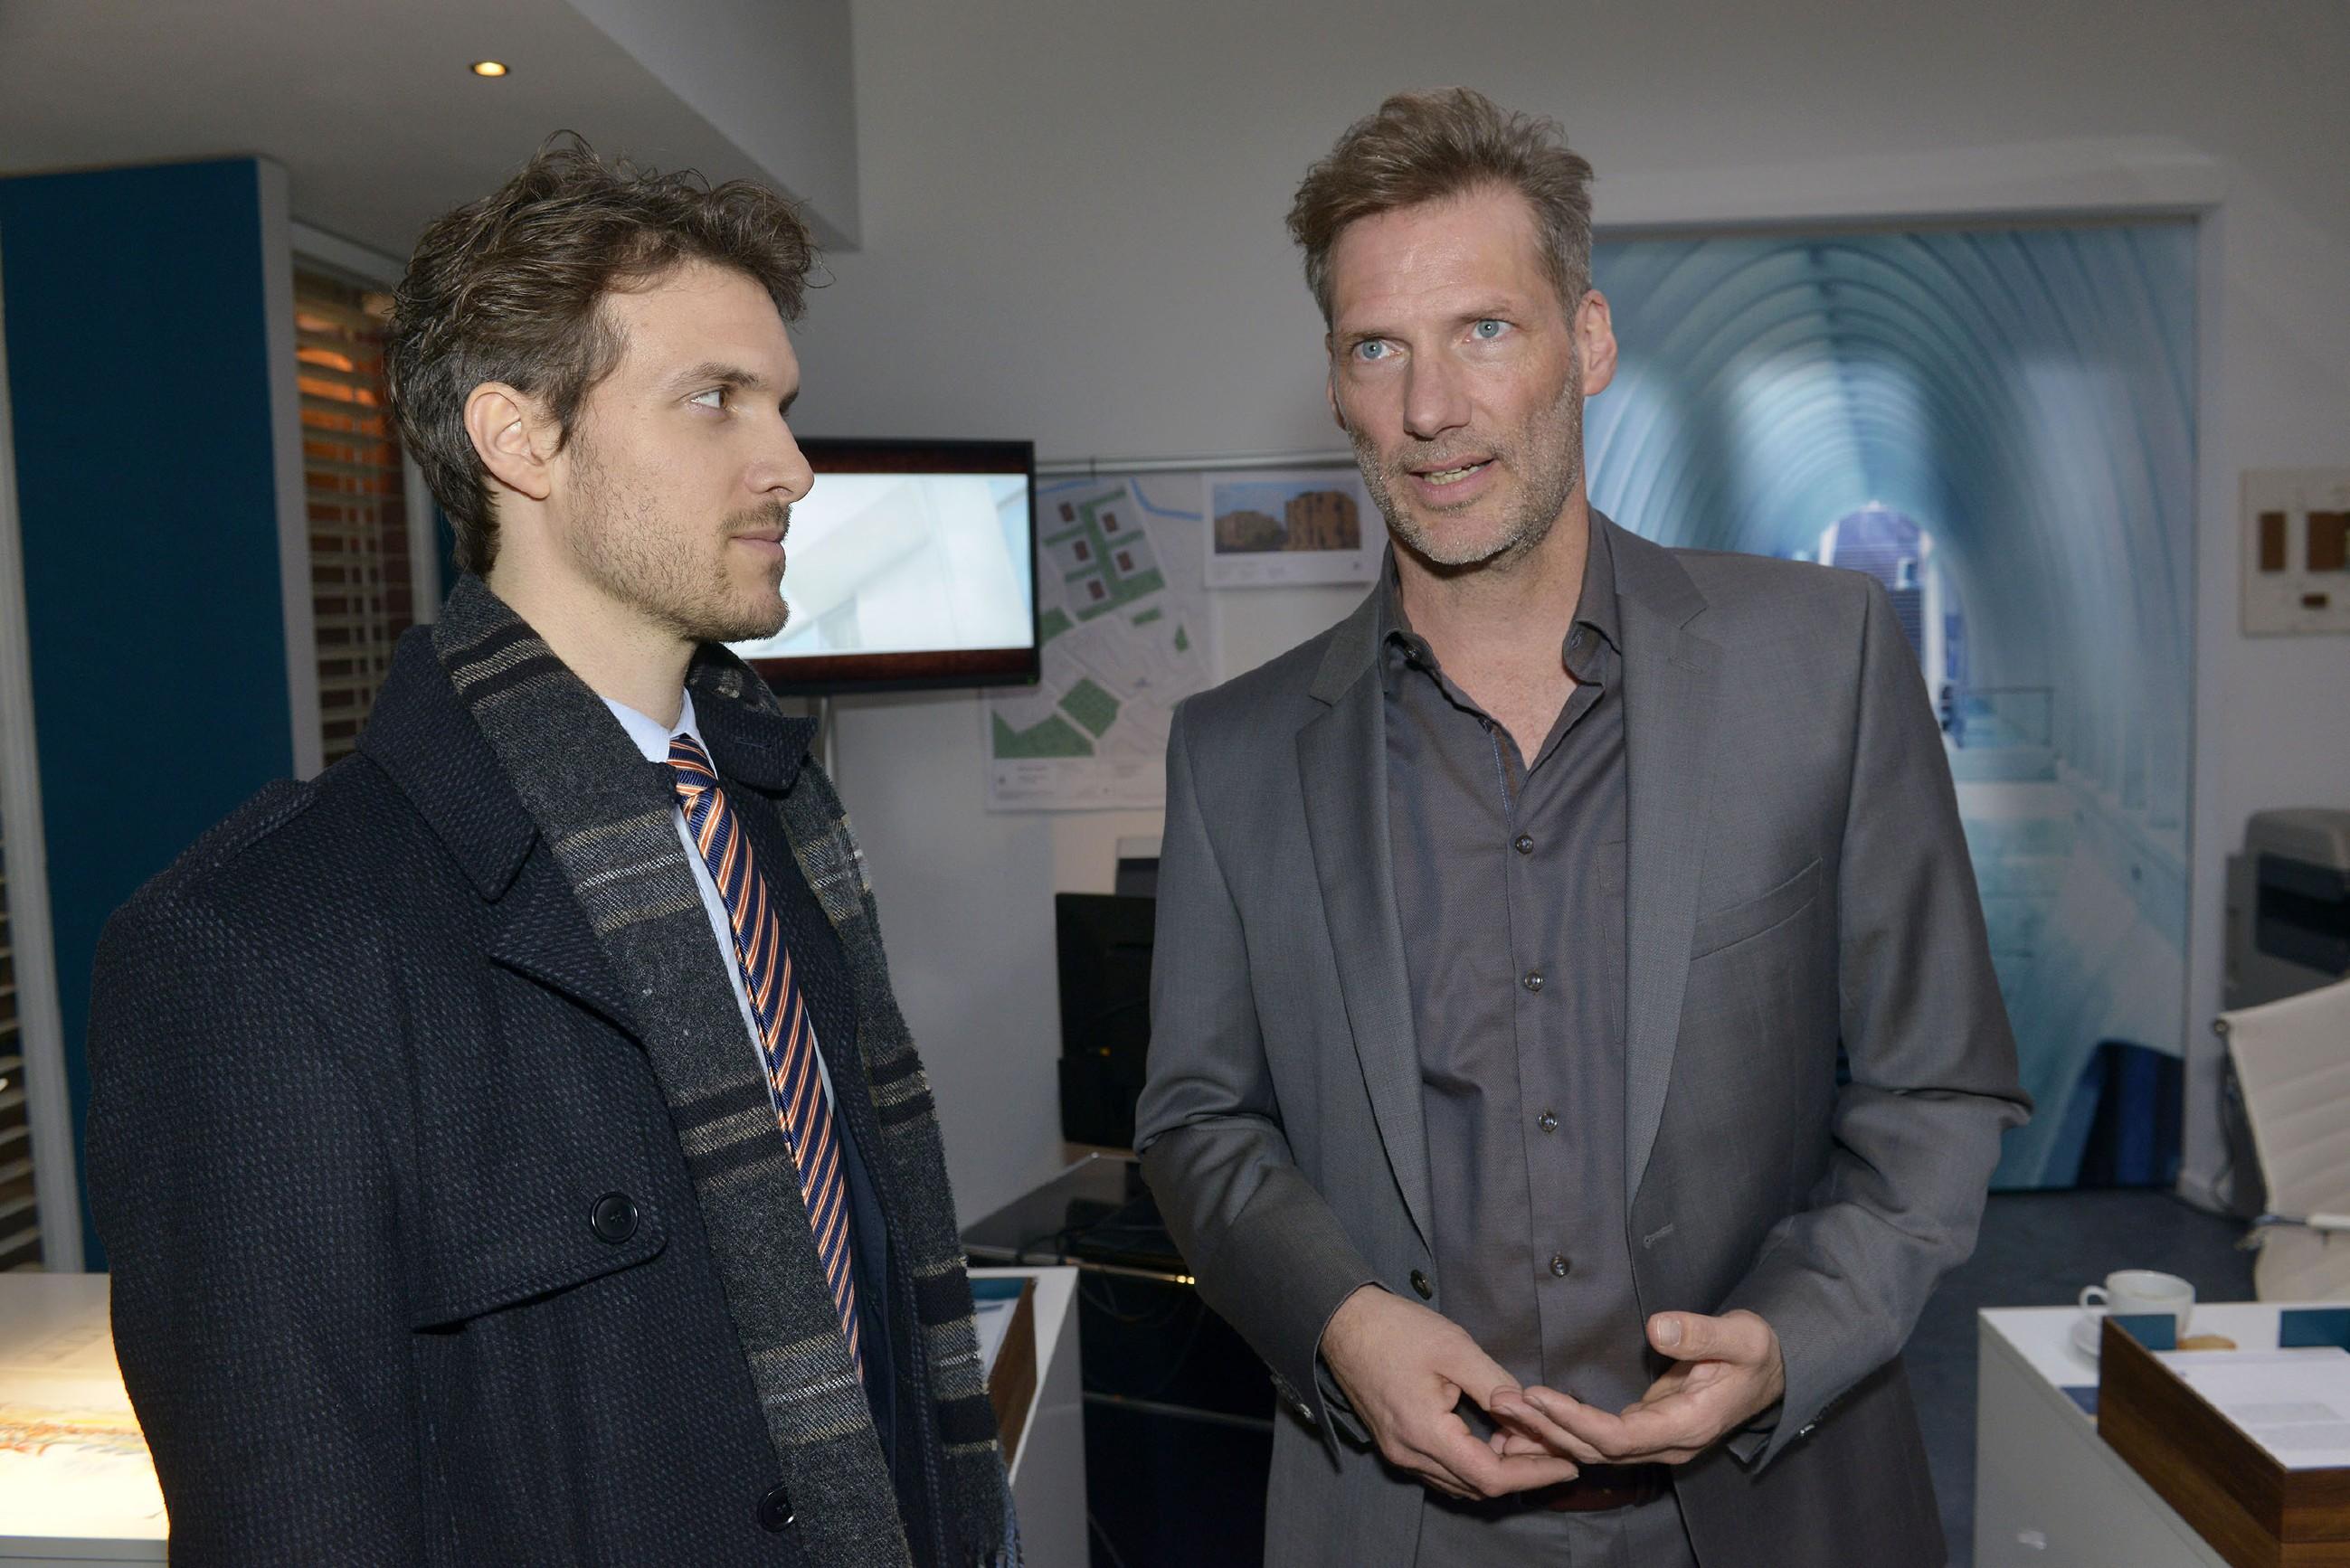 Als es zu einer Auseinandersetzung mit Felix (Thaddäus Meilinger, l.) kommt, an der Alexander (Clemens Löhr) nicht ganz unschuldig ist, wirft dieser das Handtuch... (Quelle: RTL / Rolf Baumgartner)